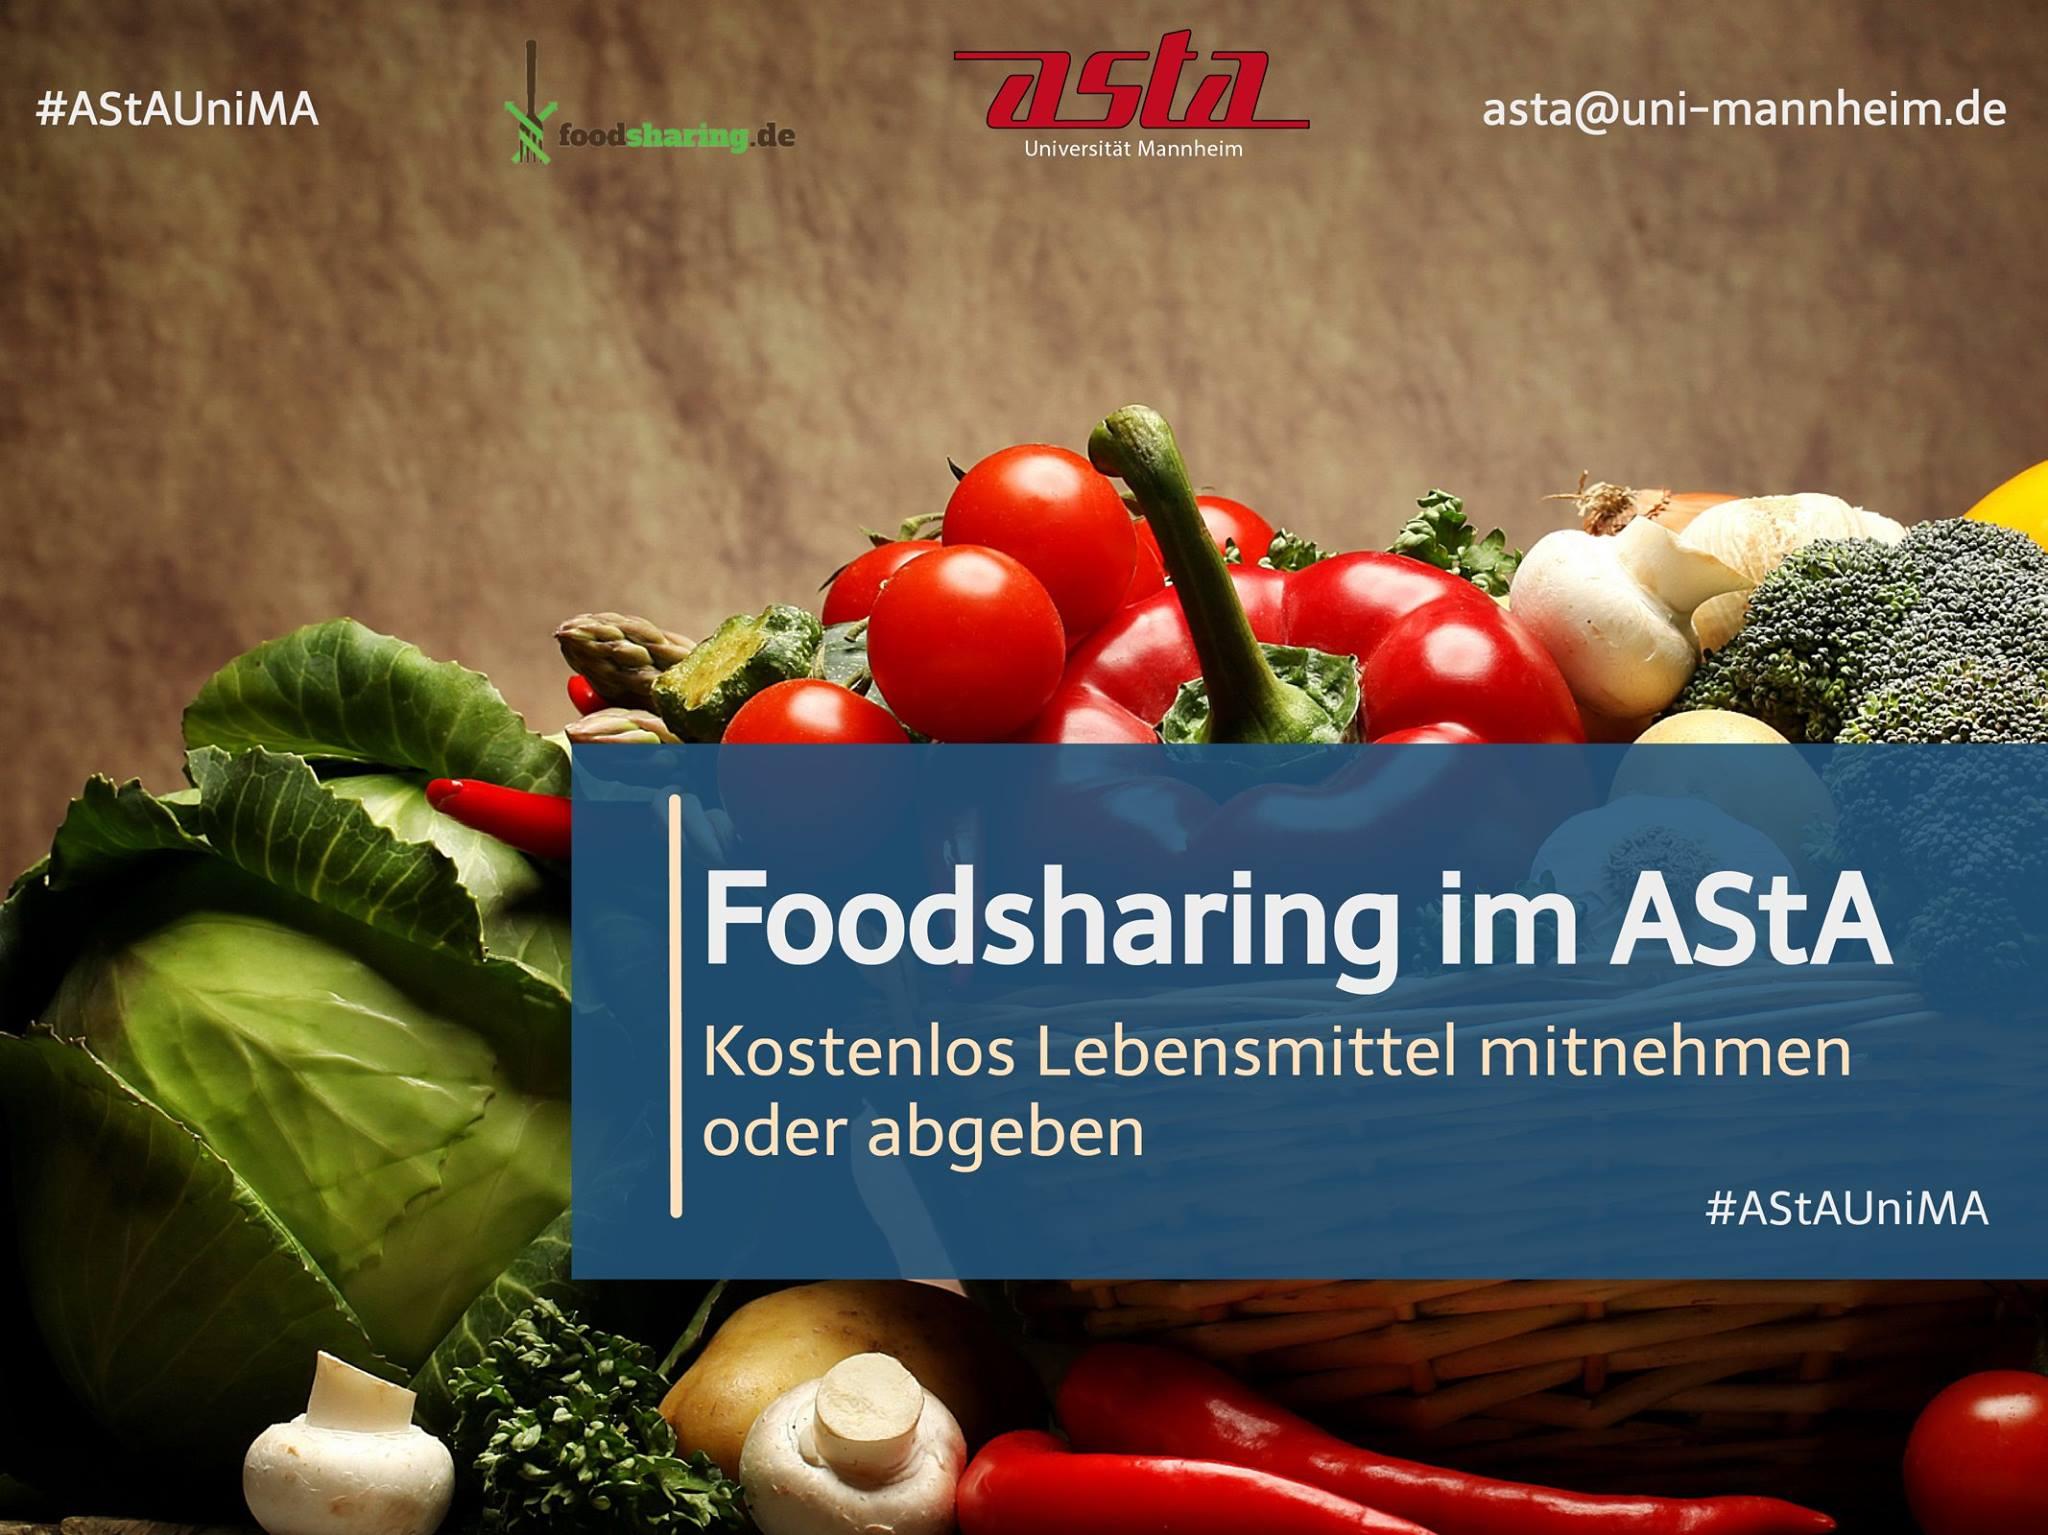 Rettungseinsatz gegen die Lebensmittelverschwendung